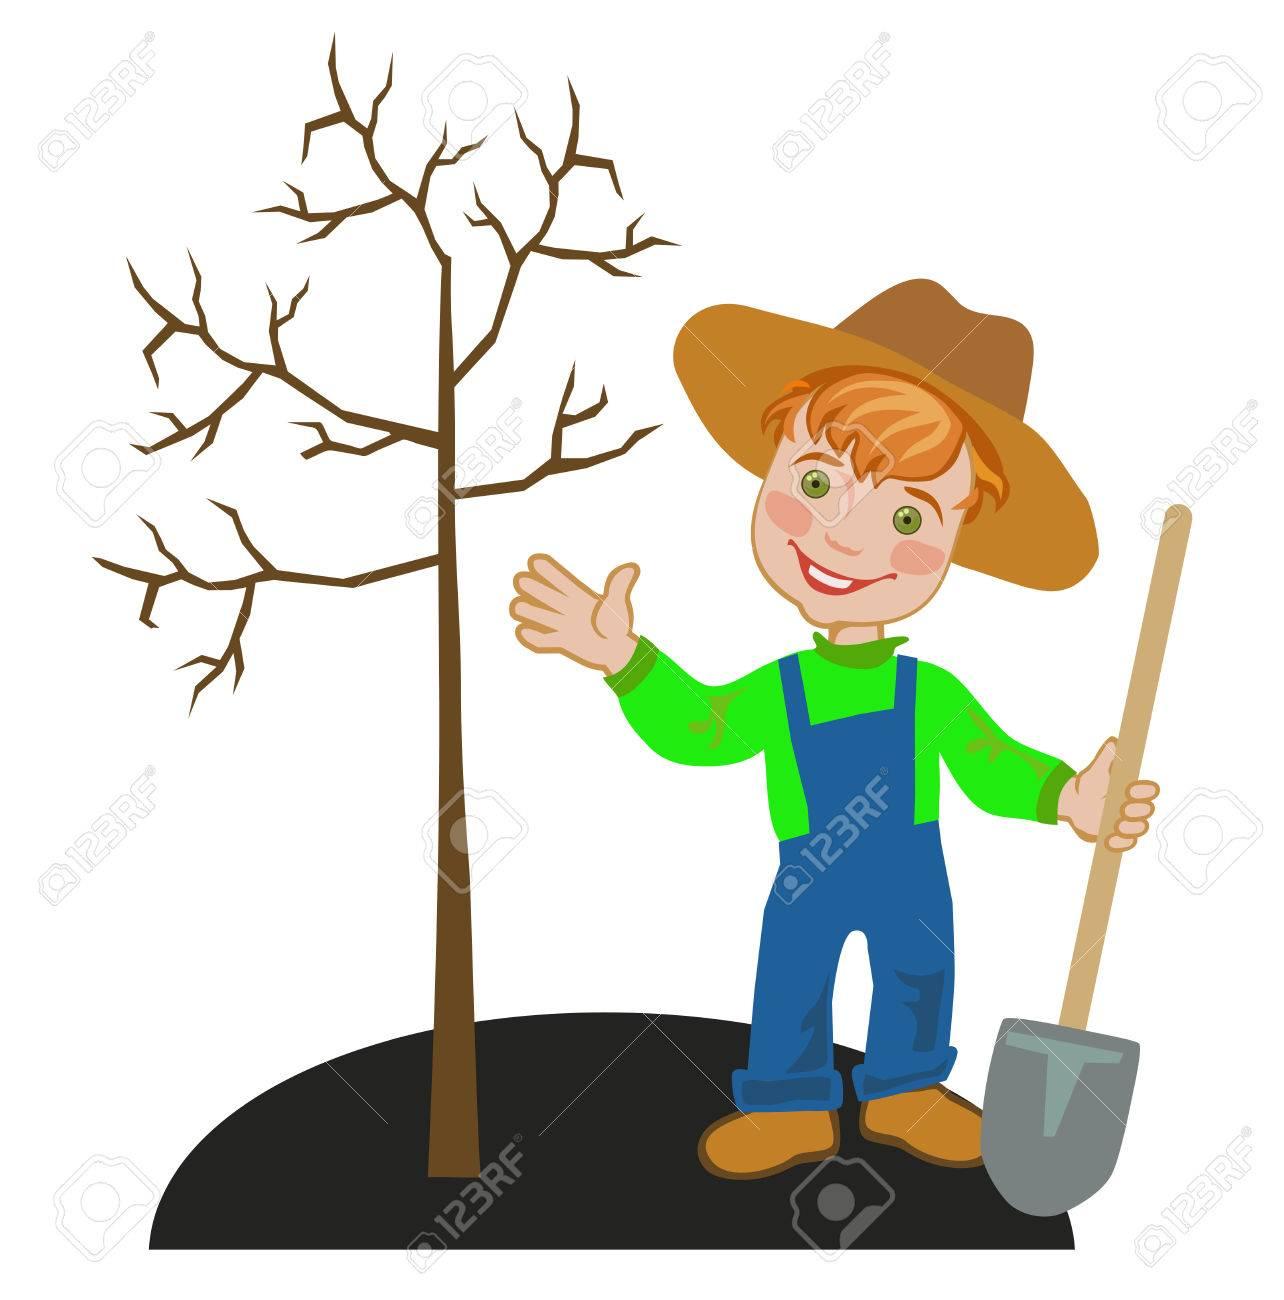 joyful boy gardener works in a garden in autumn seasonal work joyful boy gardener works in a garden in autumn seasonal work in the garden stock